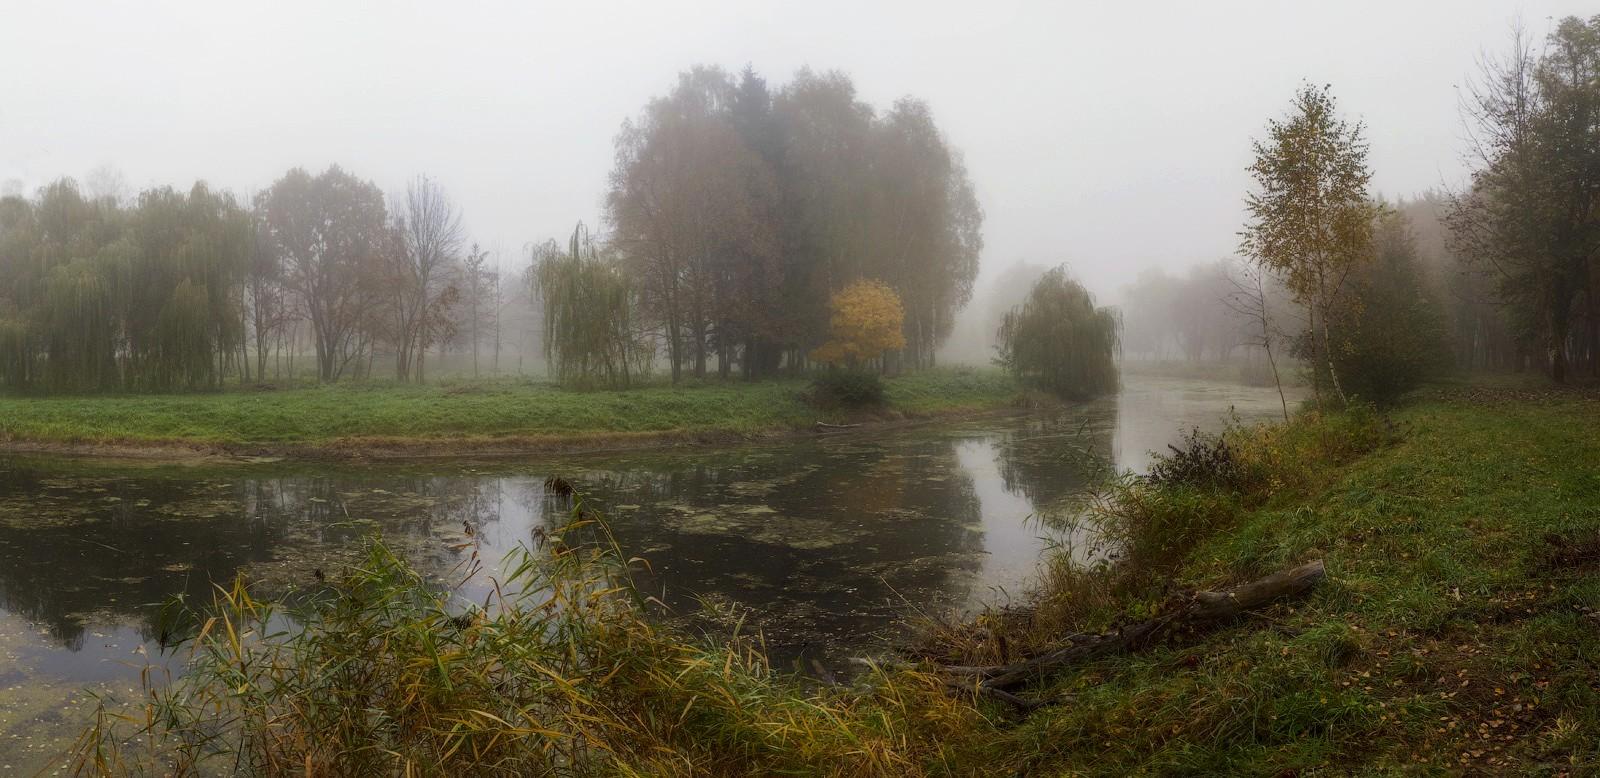 """фото """"Осеннее утро старого парка..."""" метки: пейзаж, природа, панорама, вода, канал, осень, туман, утро"""